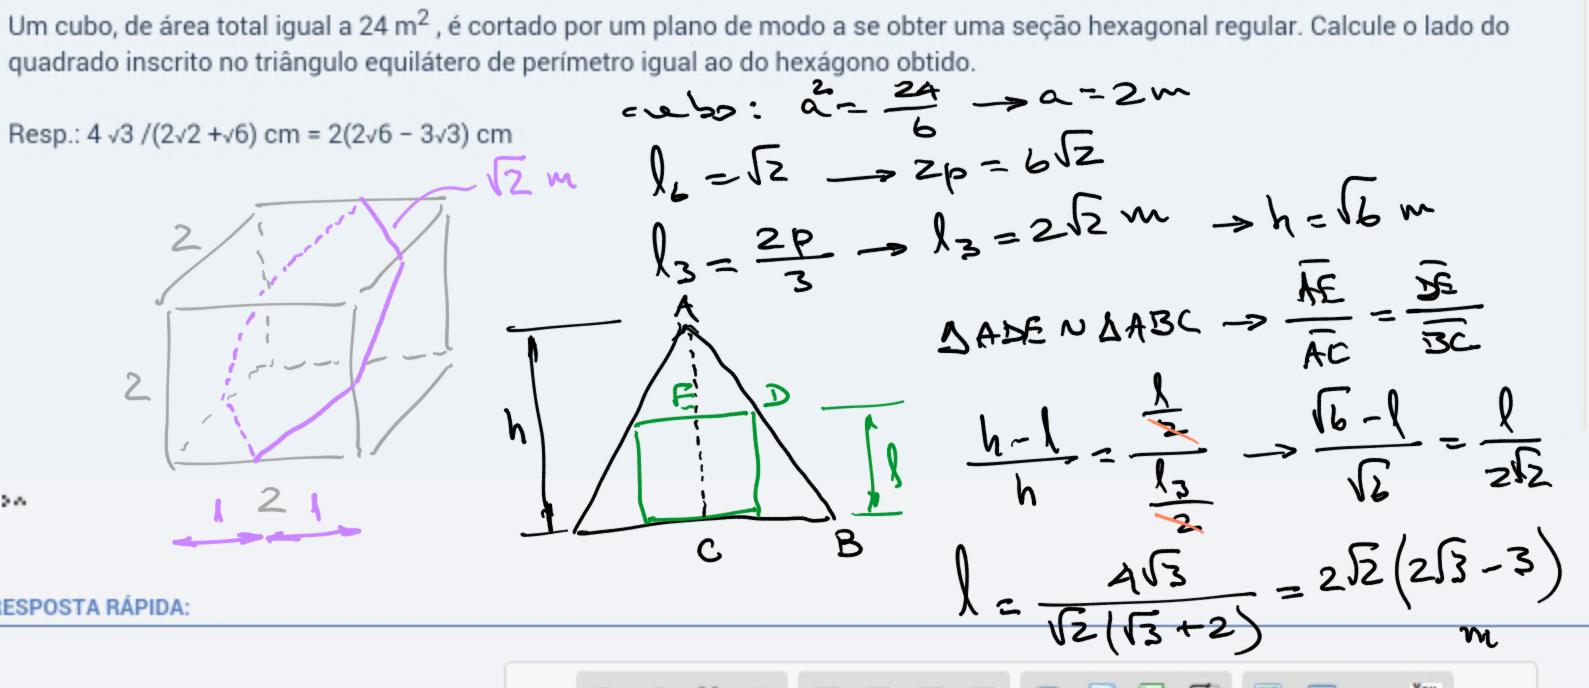 Geometria espacial. 2ebuzbk